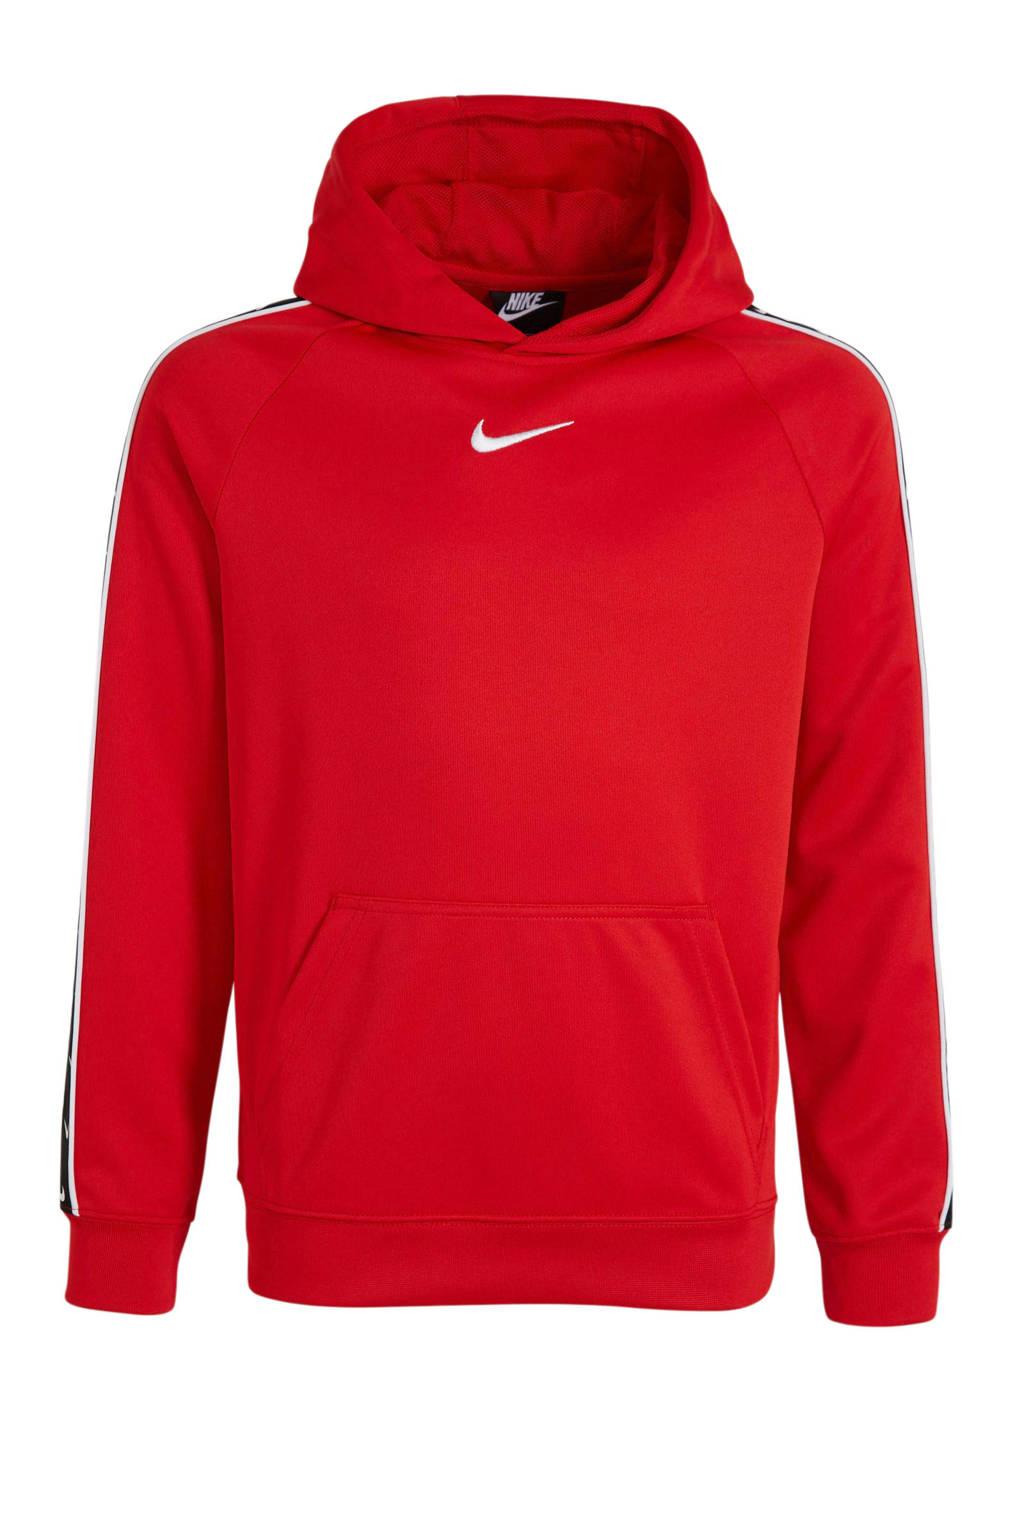 Nike   hoodie rood/zwart, Rood/zwart